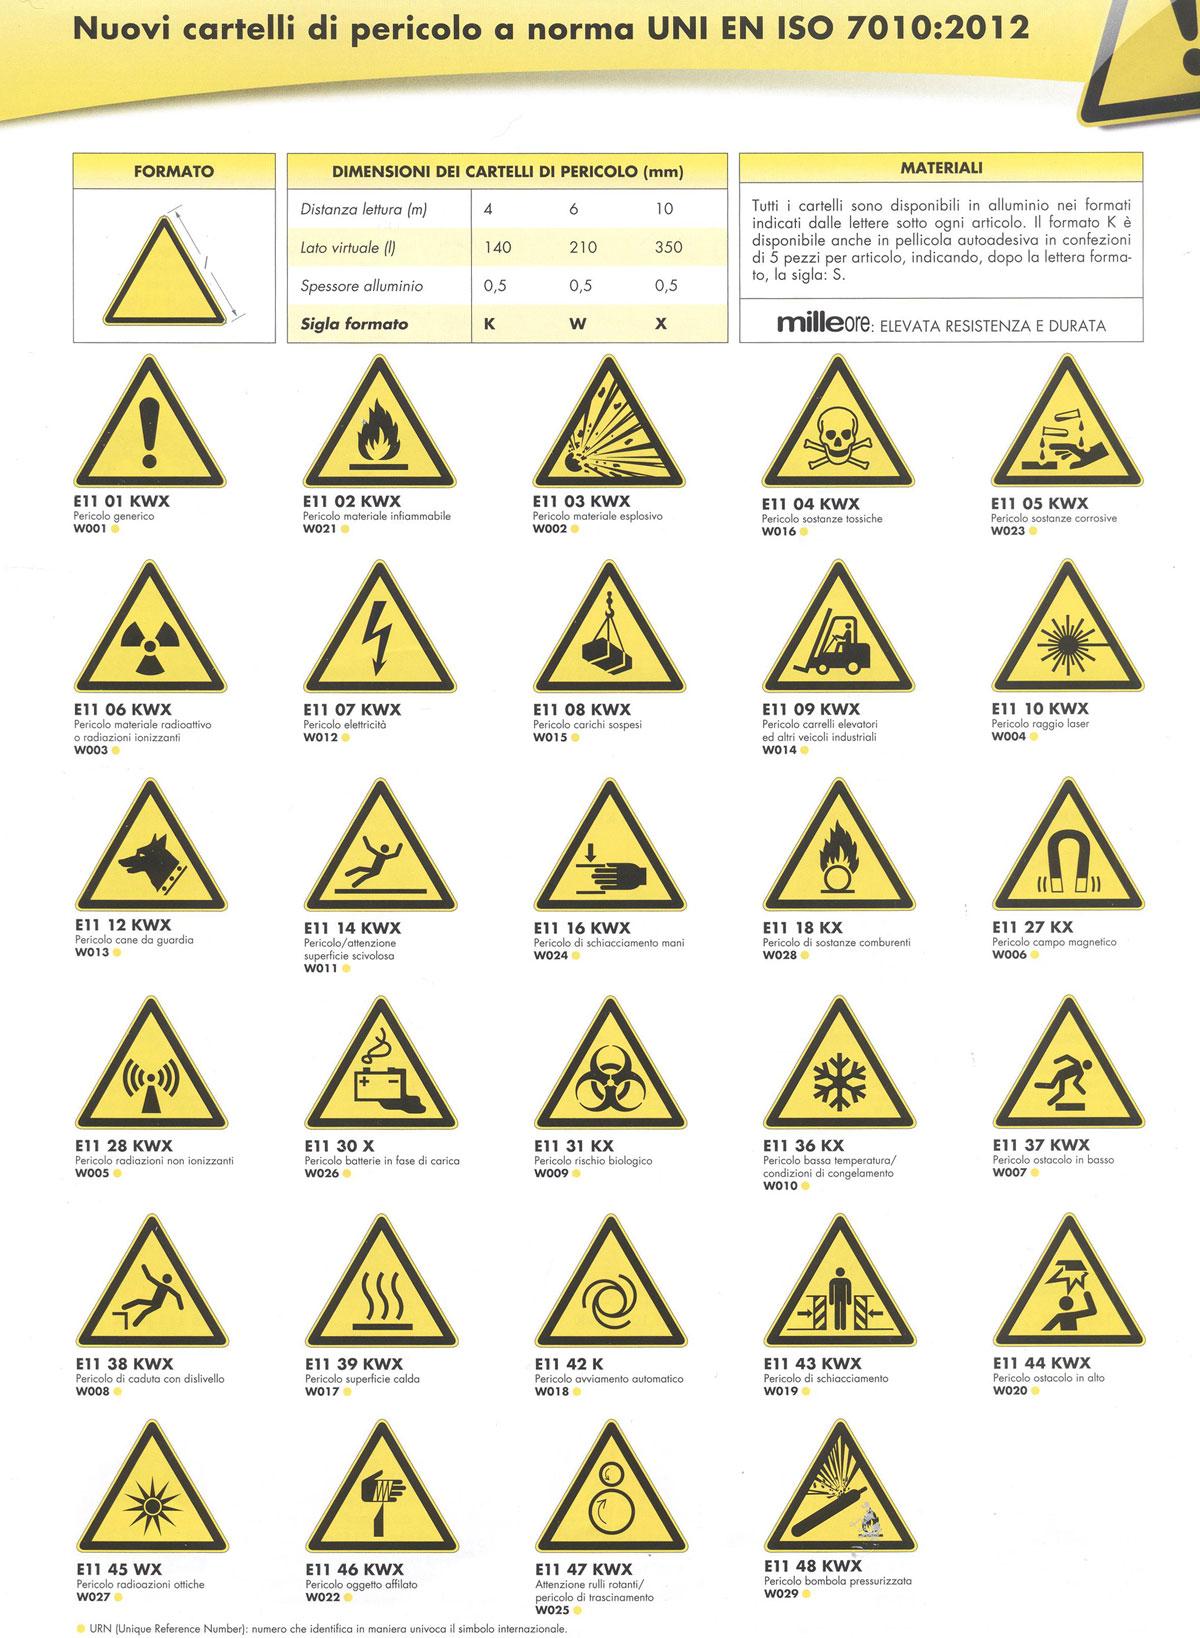 nuovi cartelli di pericolo a noma UNI EN ISO 7010:2012